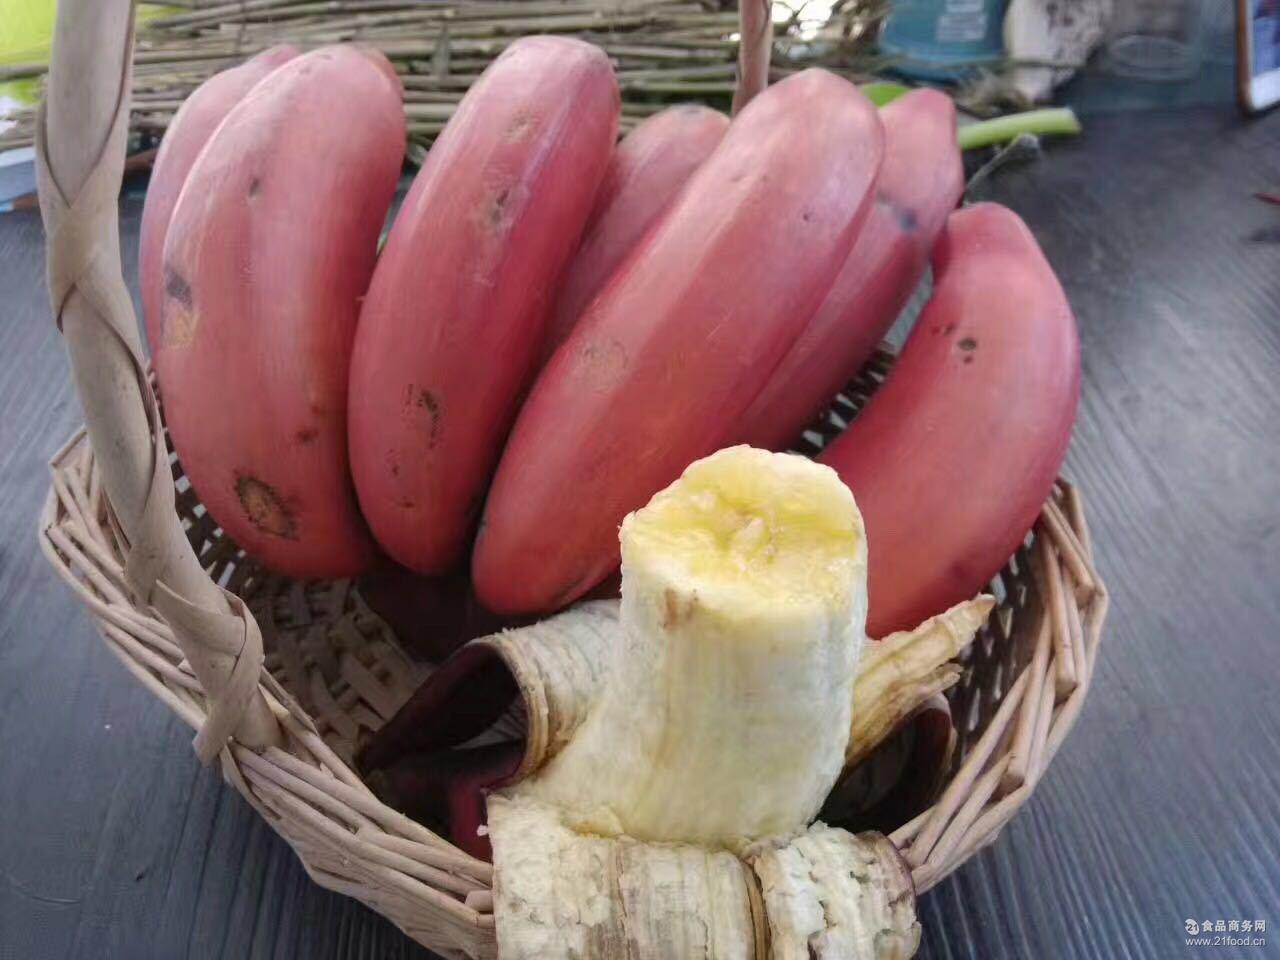 美人蕉南靖土楼特产红皮香蕉 新鲜水果火龙蕉非药水催熟5斤一件代